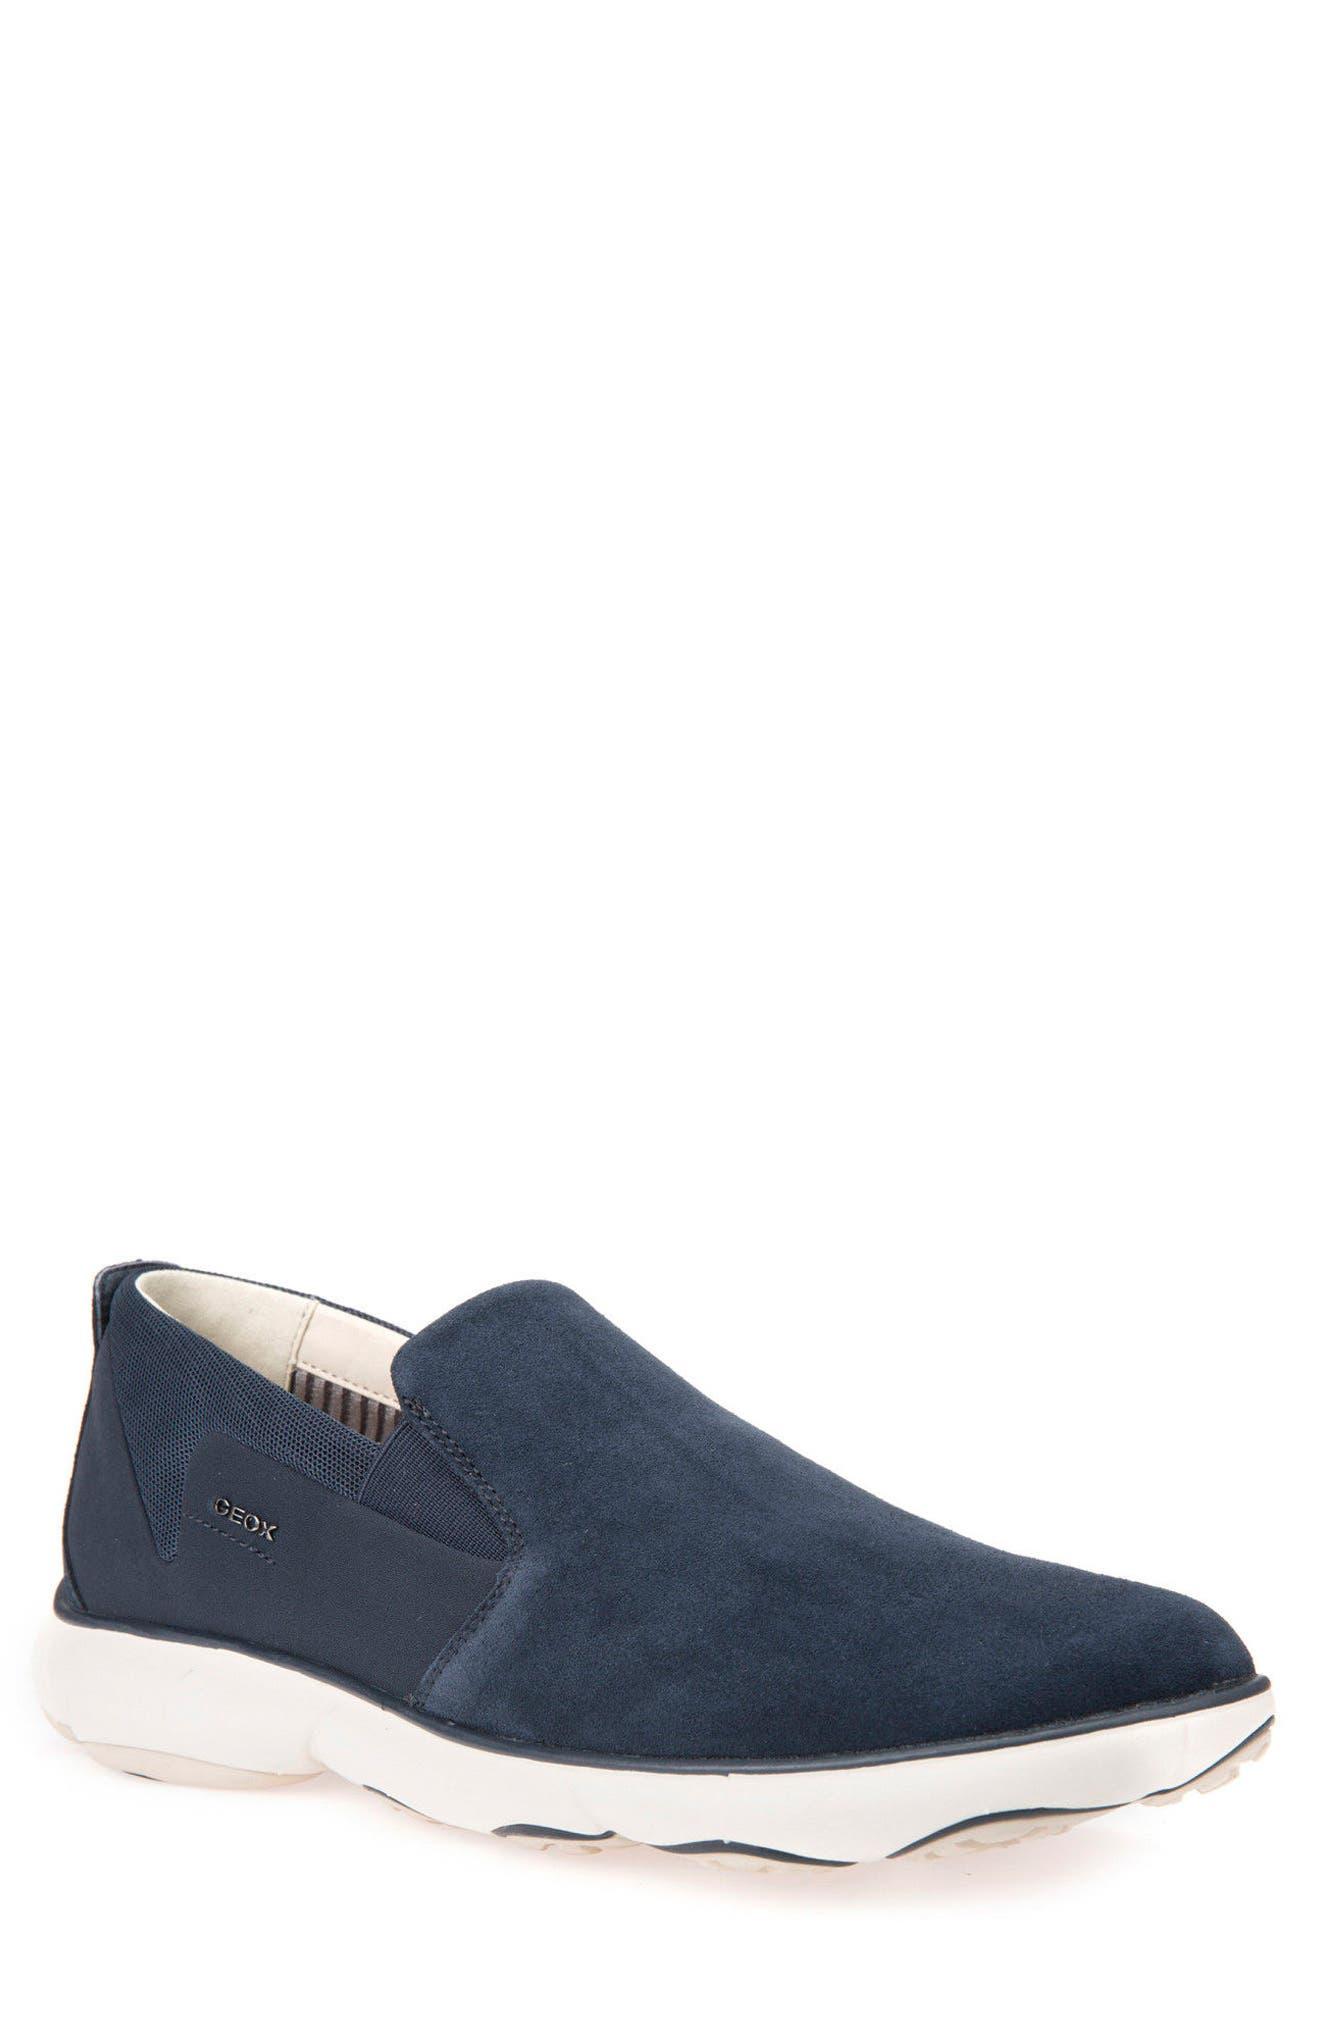 Geox Nebula 44 Slip-On Sneaker (Men)